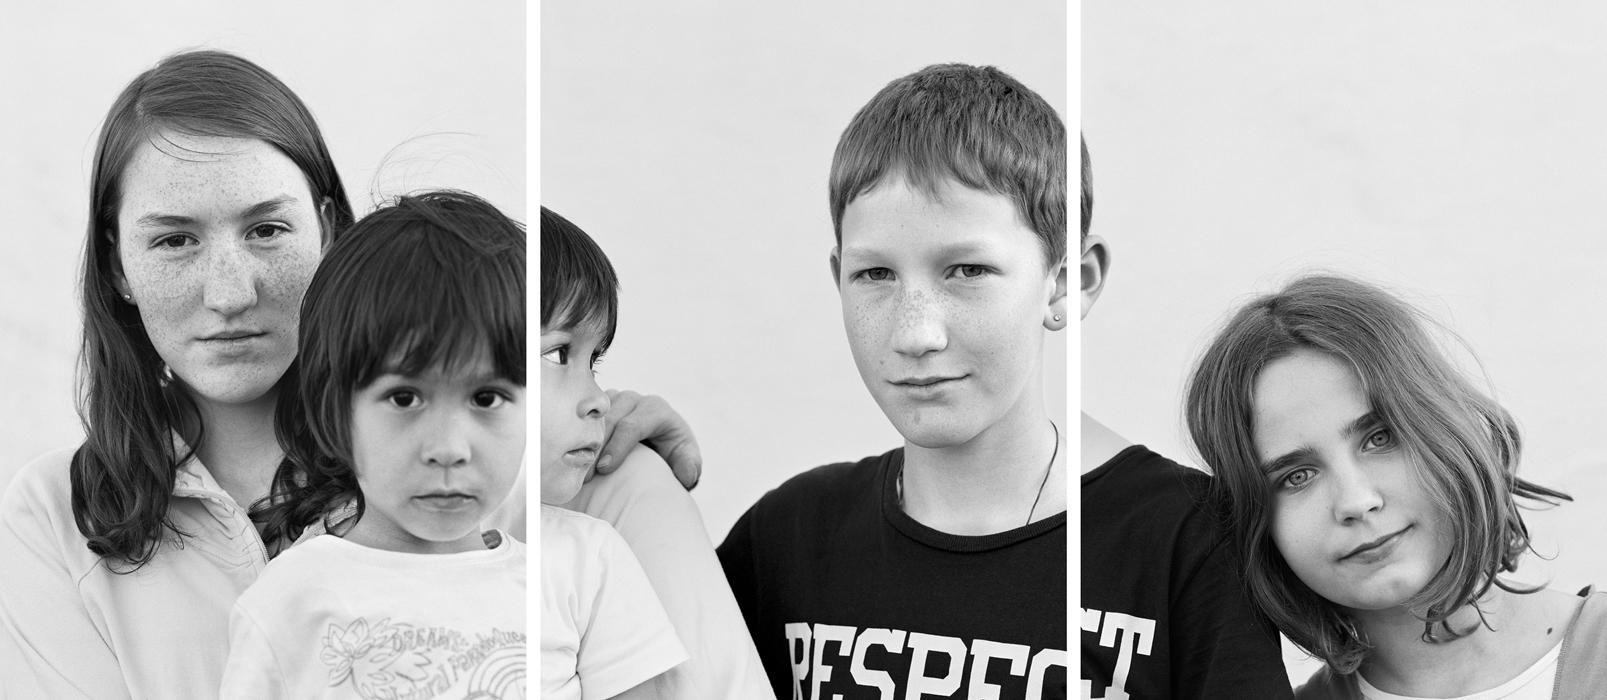 © Loredana Nemes, Blossom, Kassandra, Sarah, Richard, Jennifer, 2012